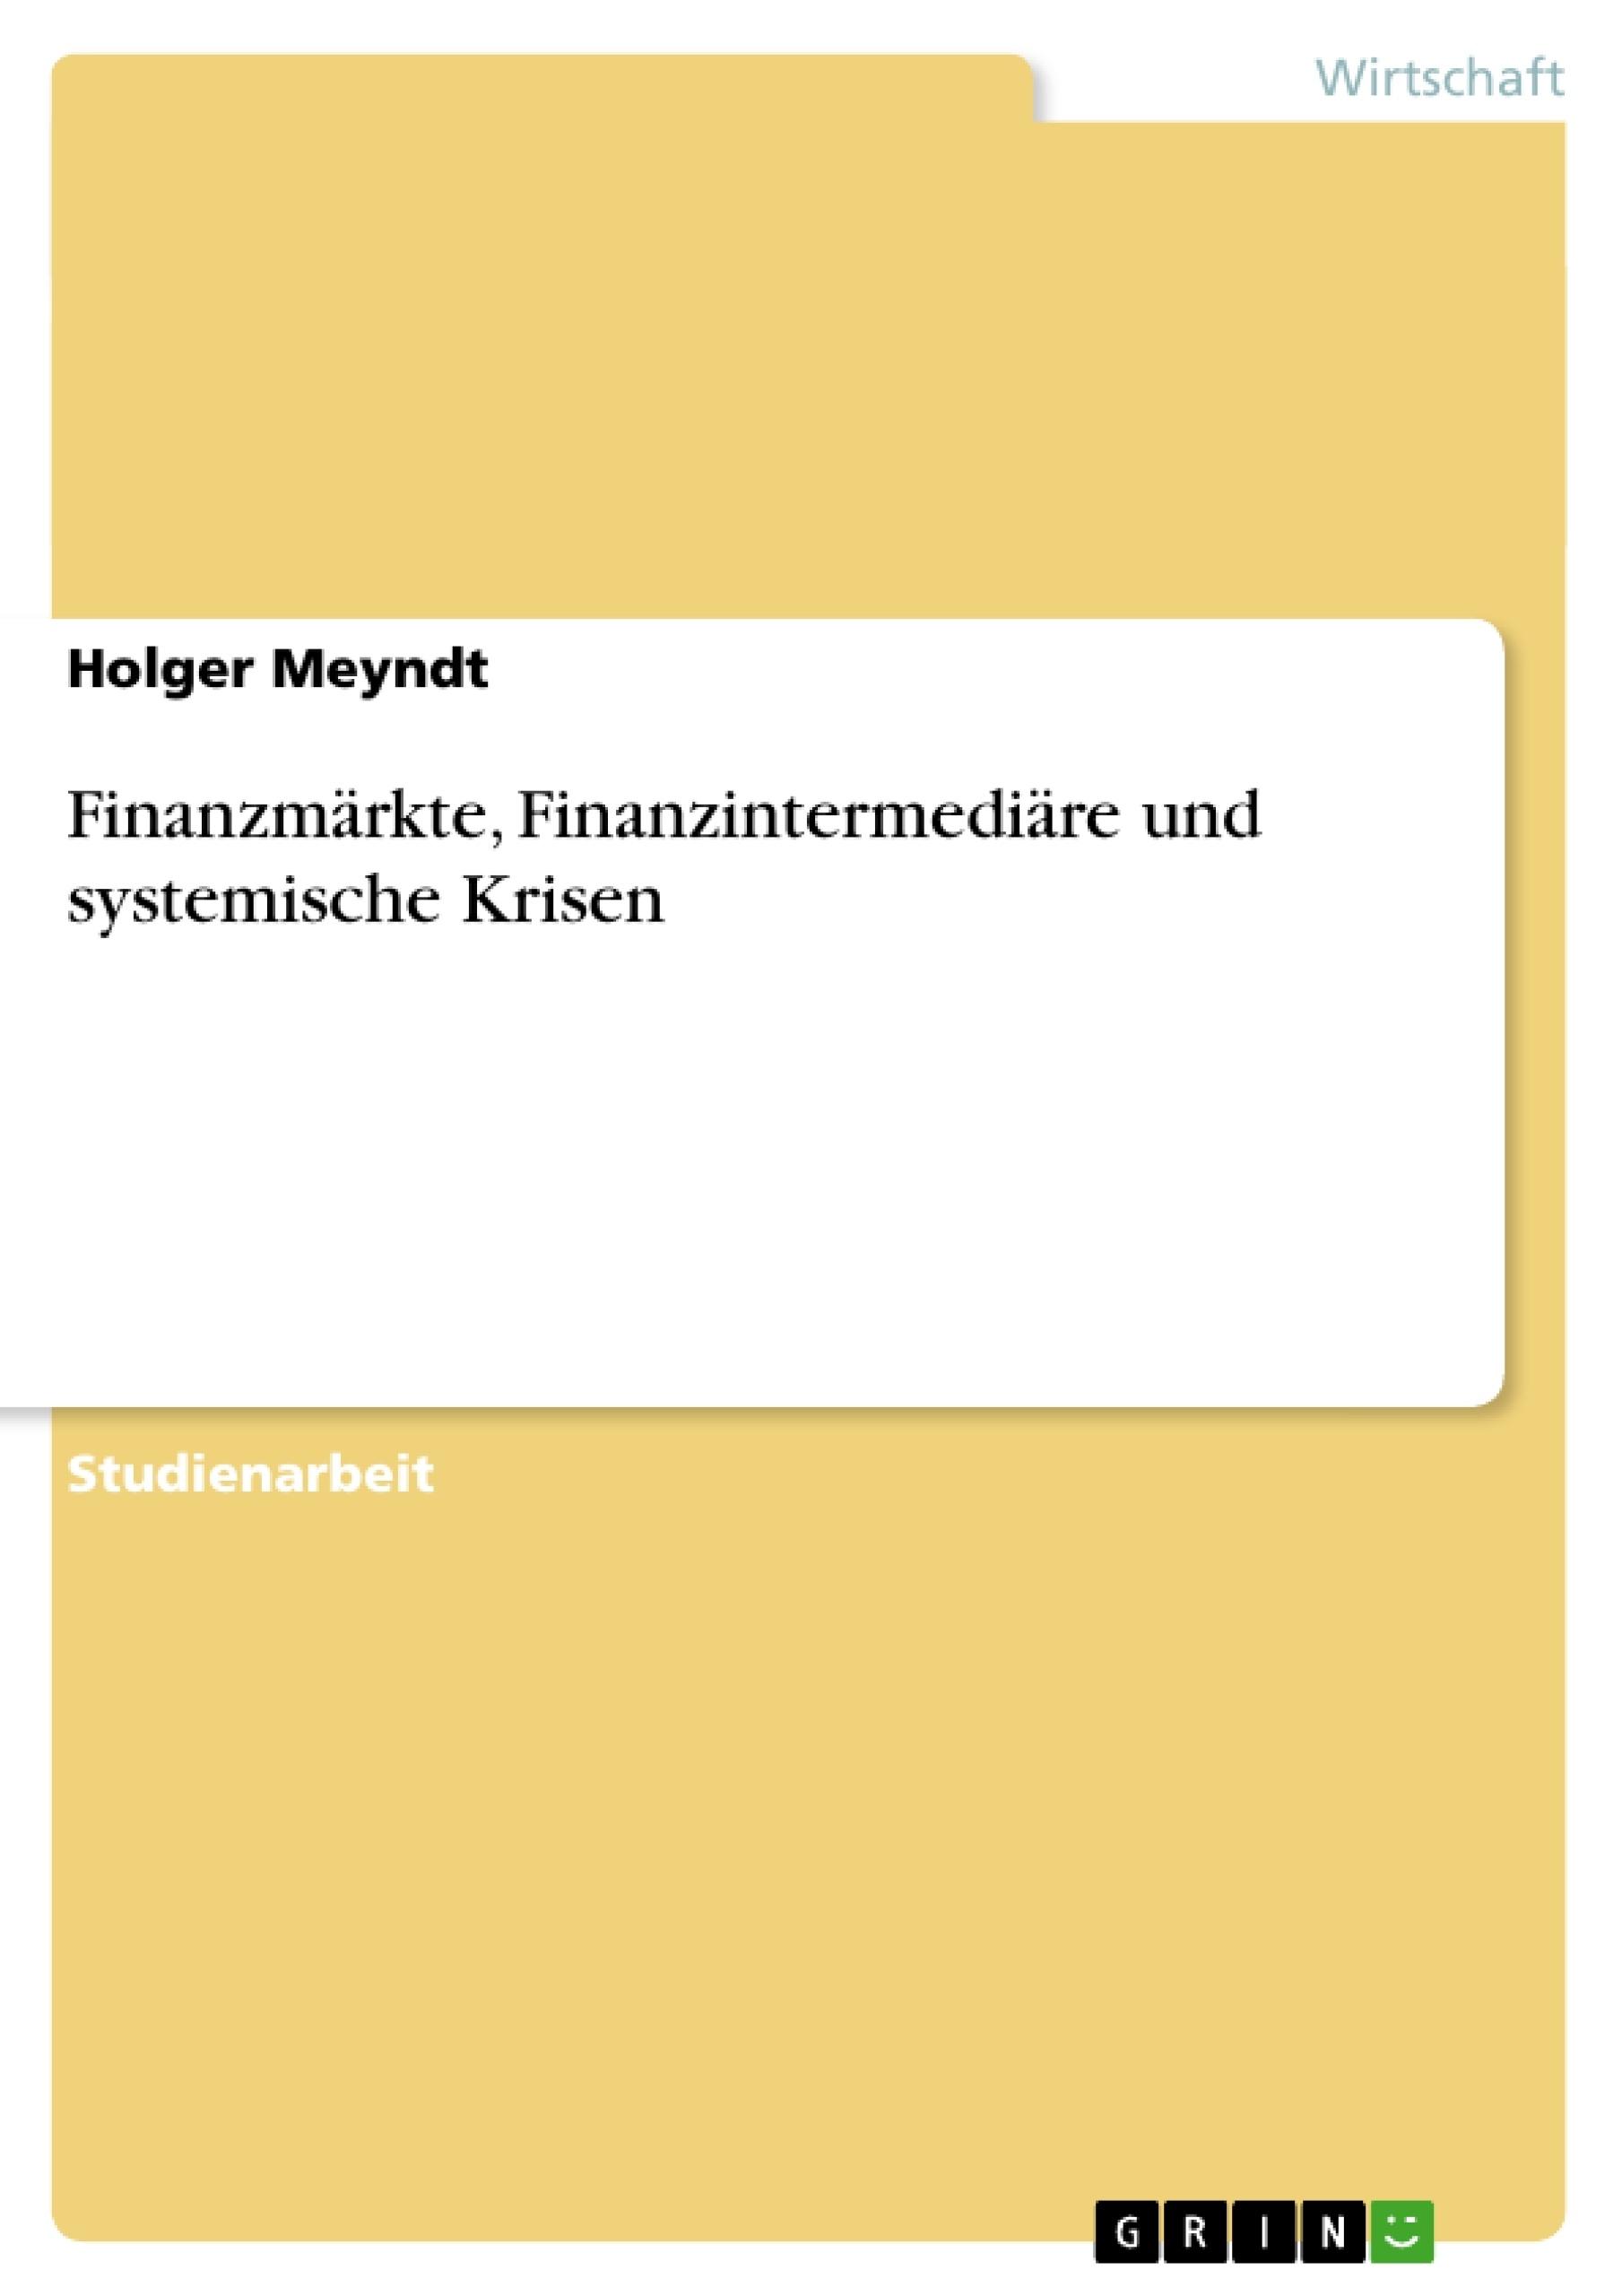 Titel: Finanzmärkte, Finanzintermediäre und systemische Krisen